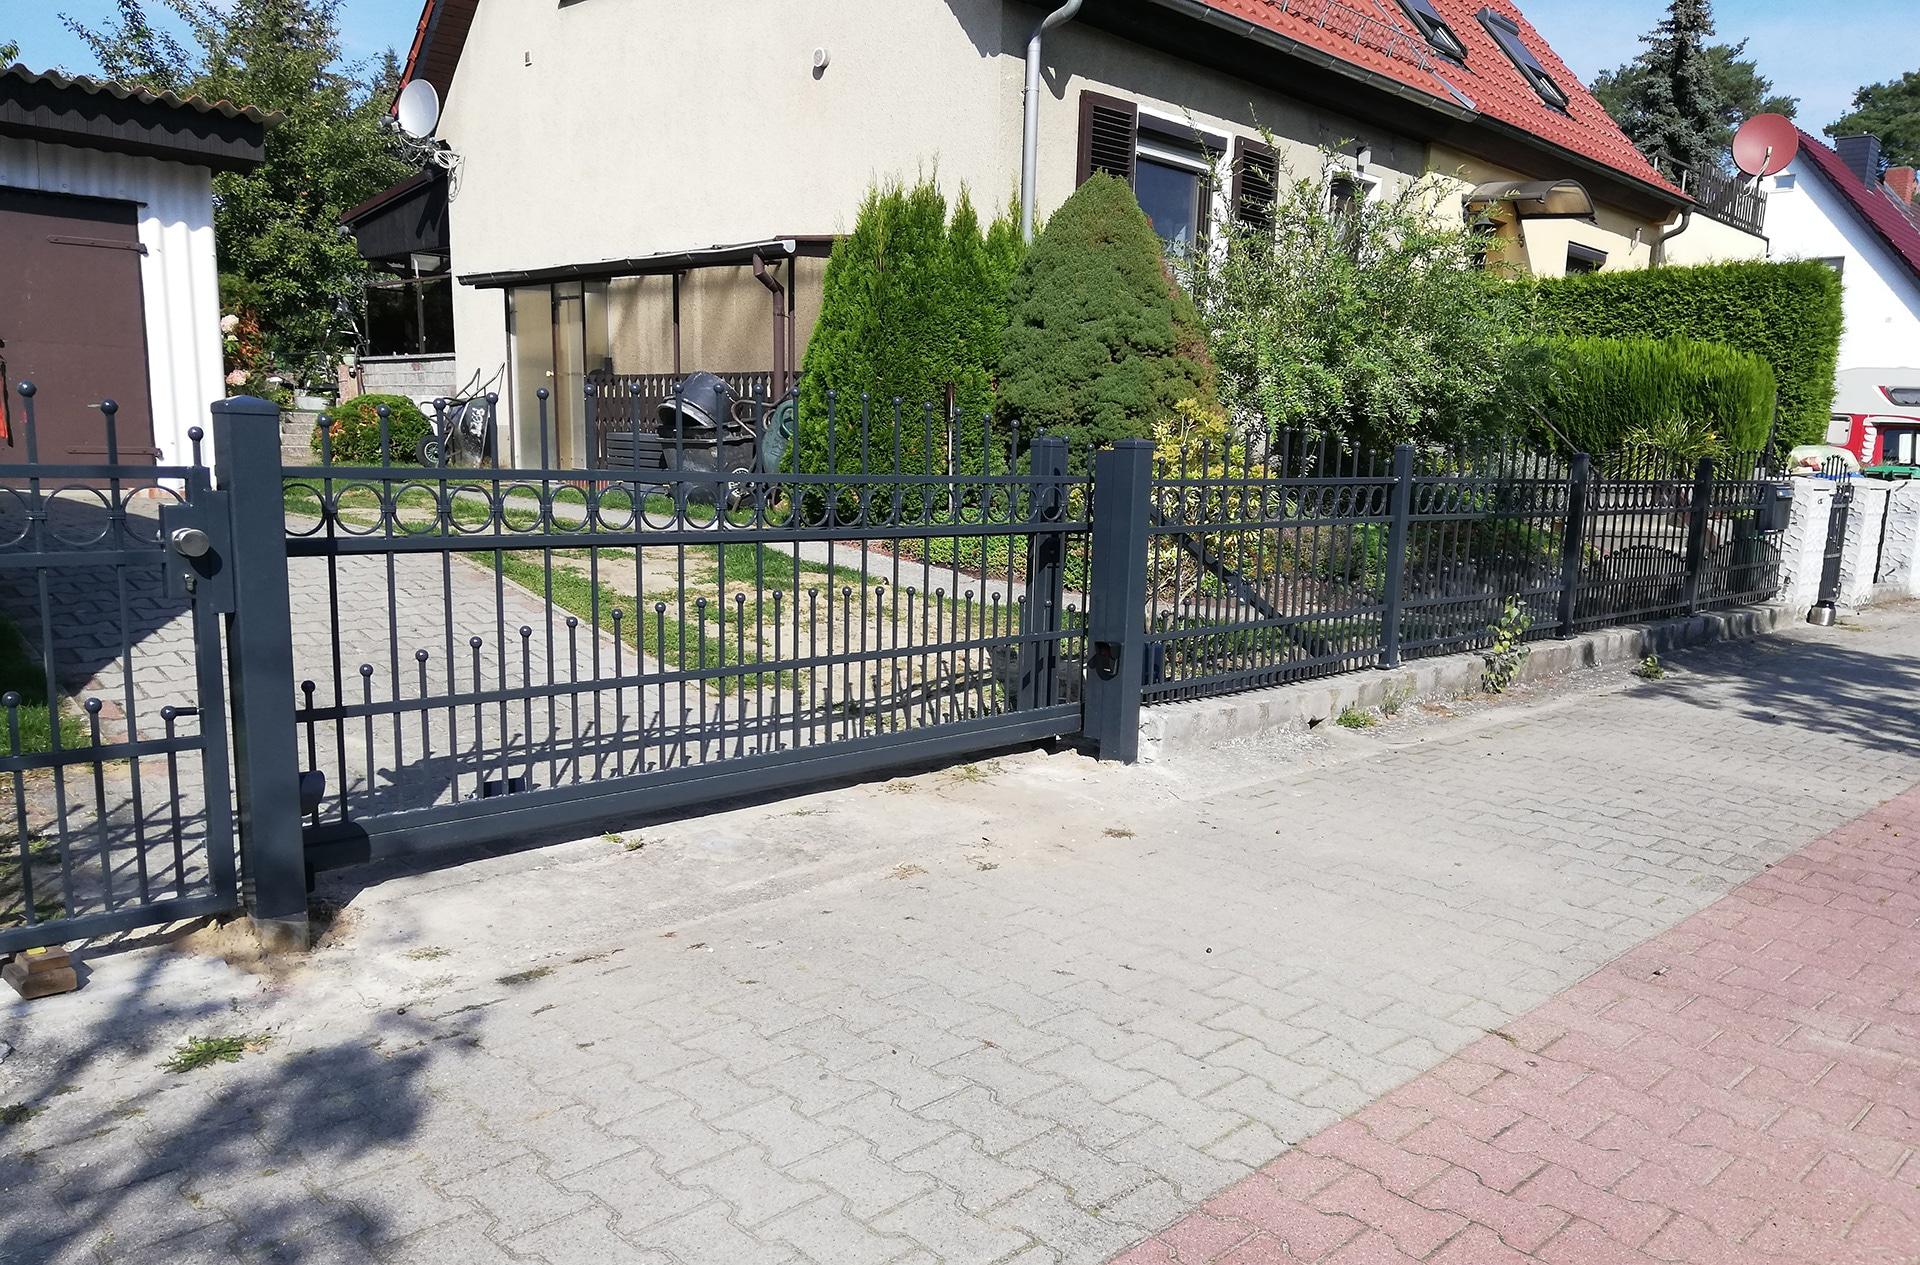 Schöner neuer Zaun um das Haus mit einem automatischen Tor